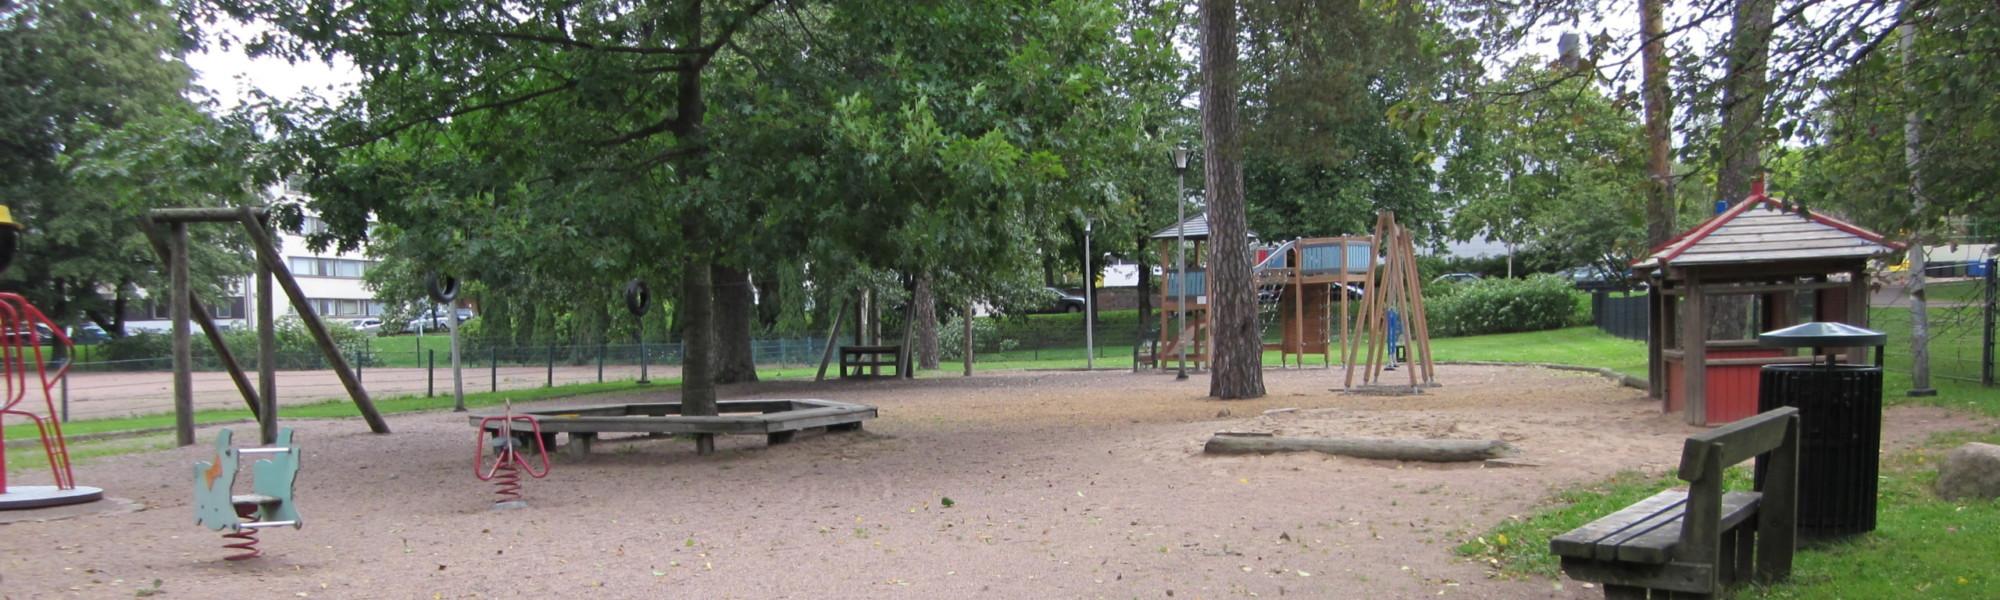 Kuvassa on Isopuiston leikkipaikka